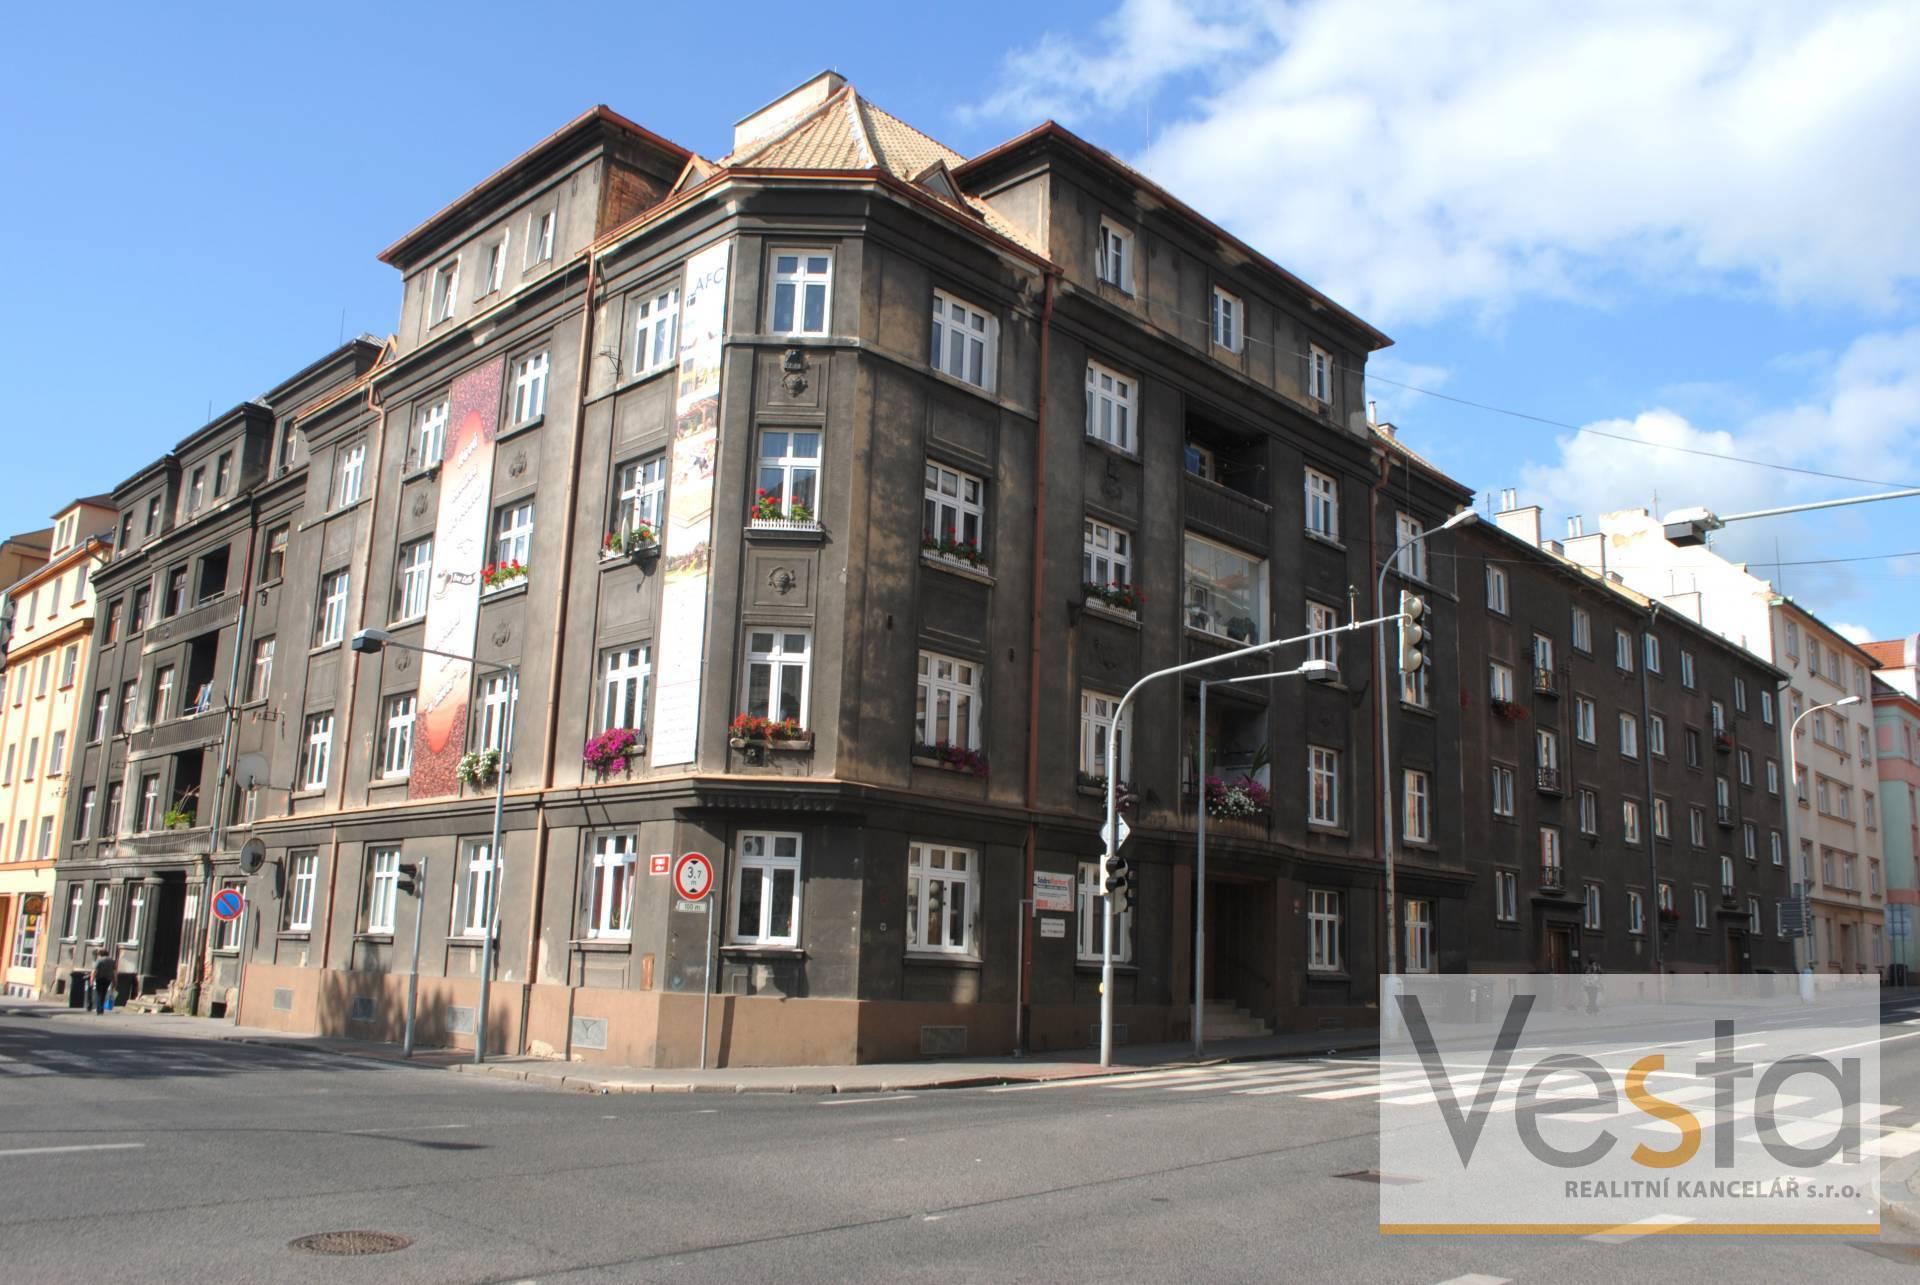 Prostorný byt 2+1 v centru Děčína - Podmokly